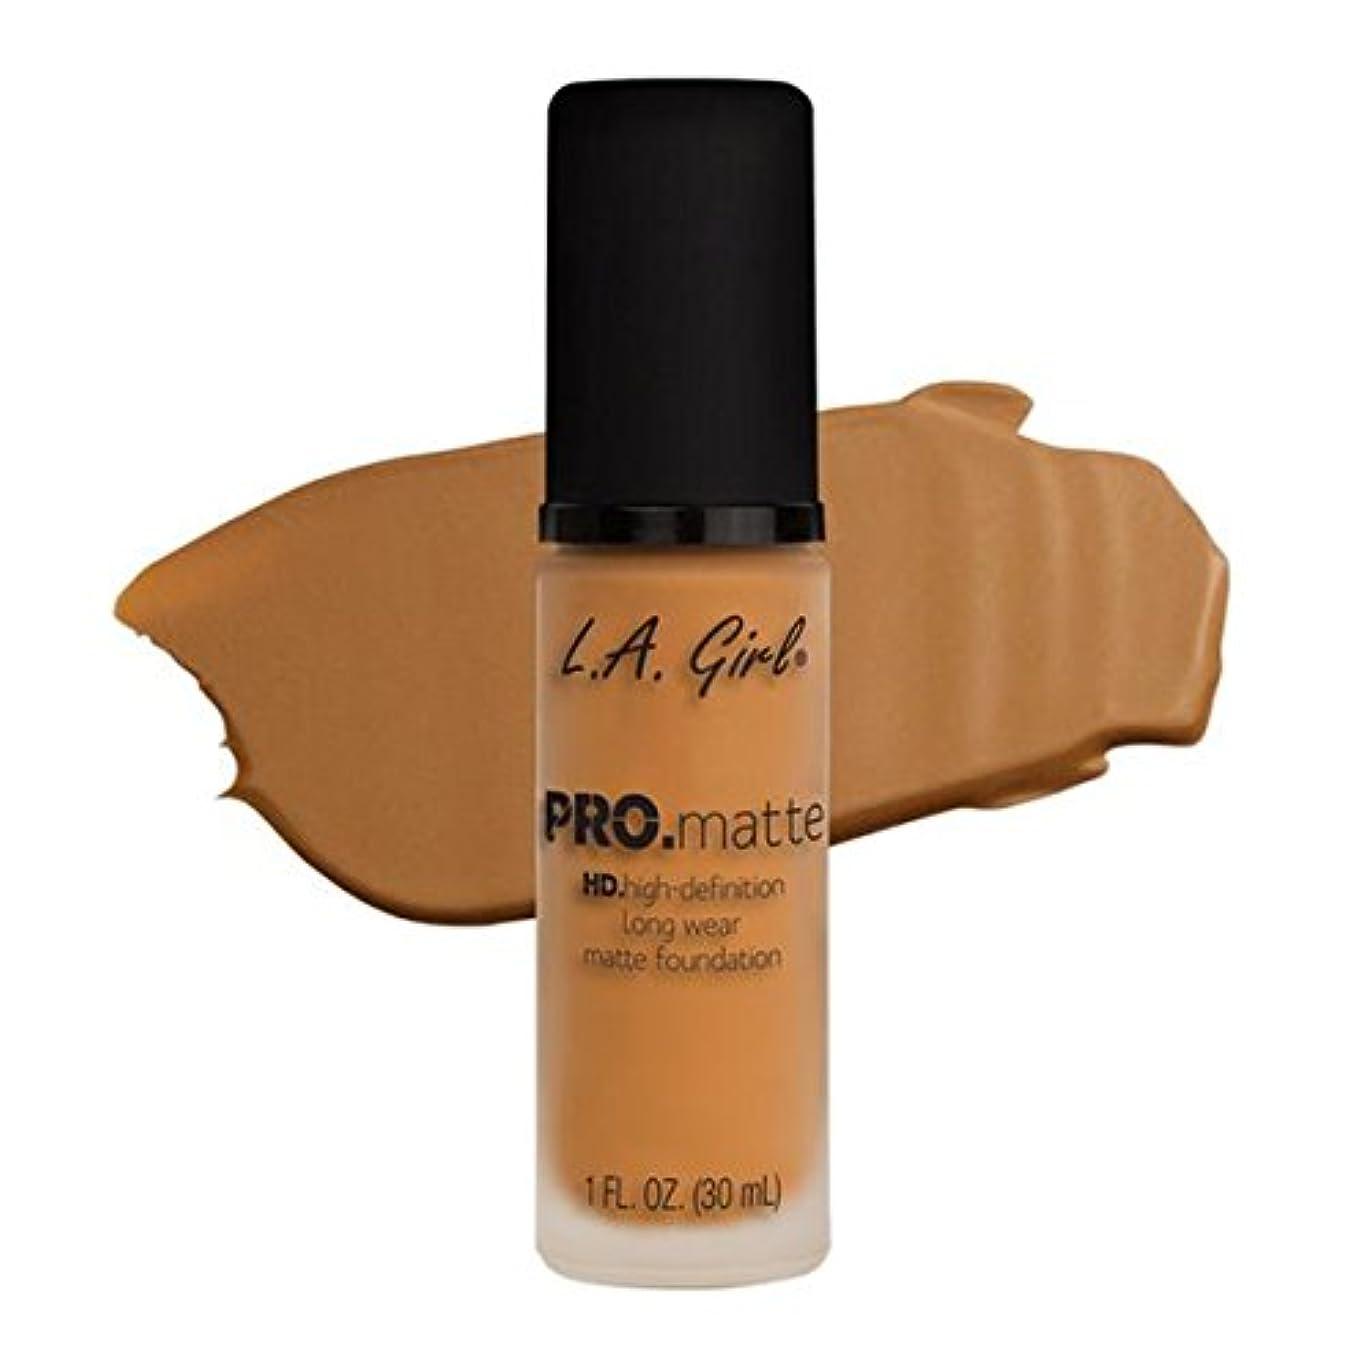 脈拍少しでLA Girl PRO.mattte HD.high-definition long wear matte foundation (GLM680 Golden Bronze)